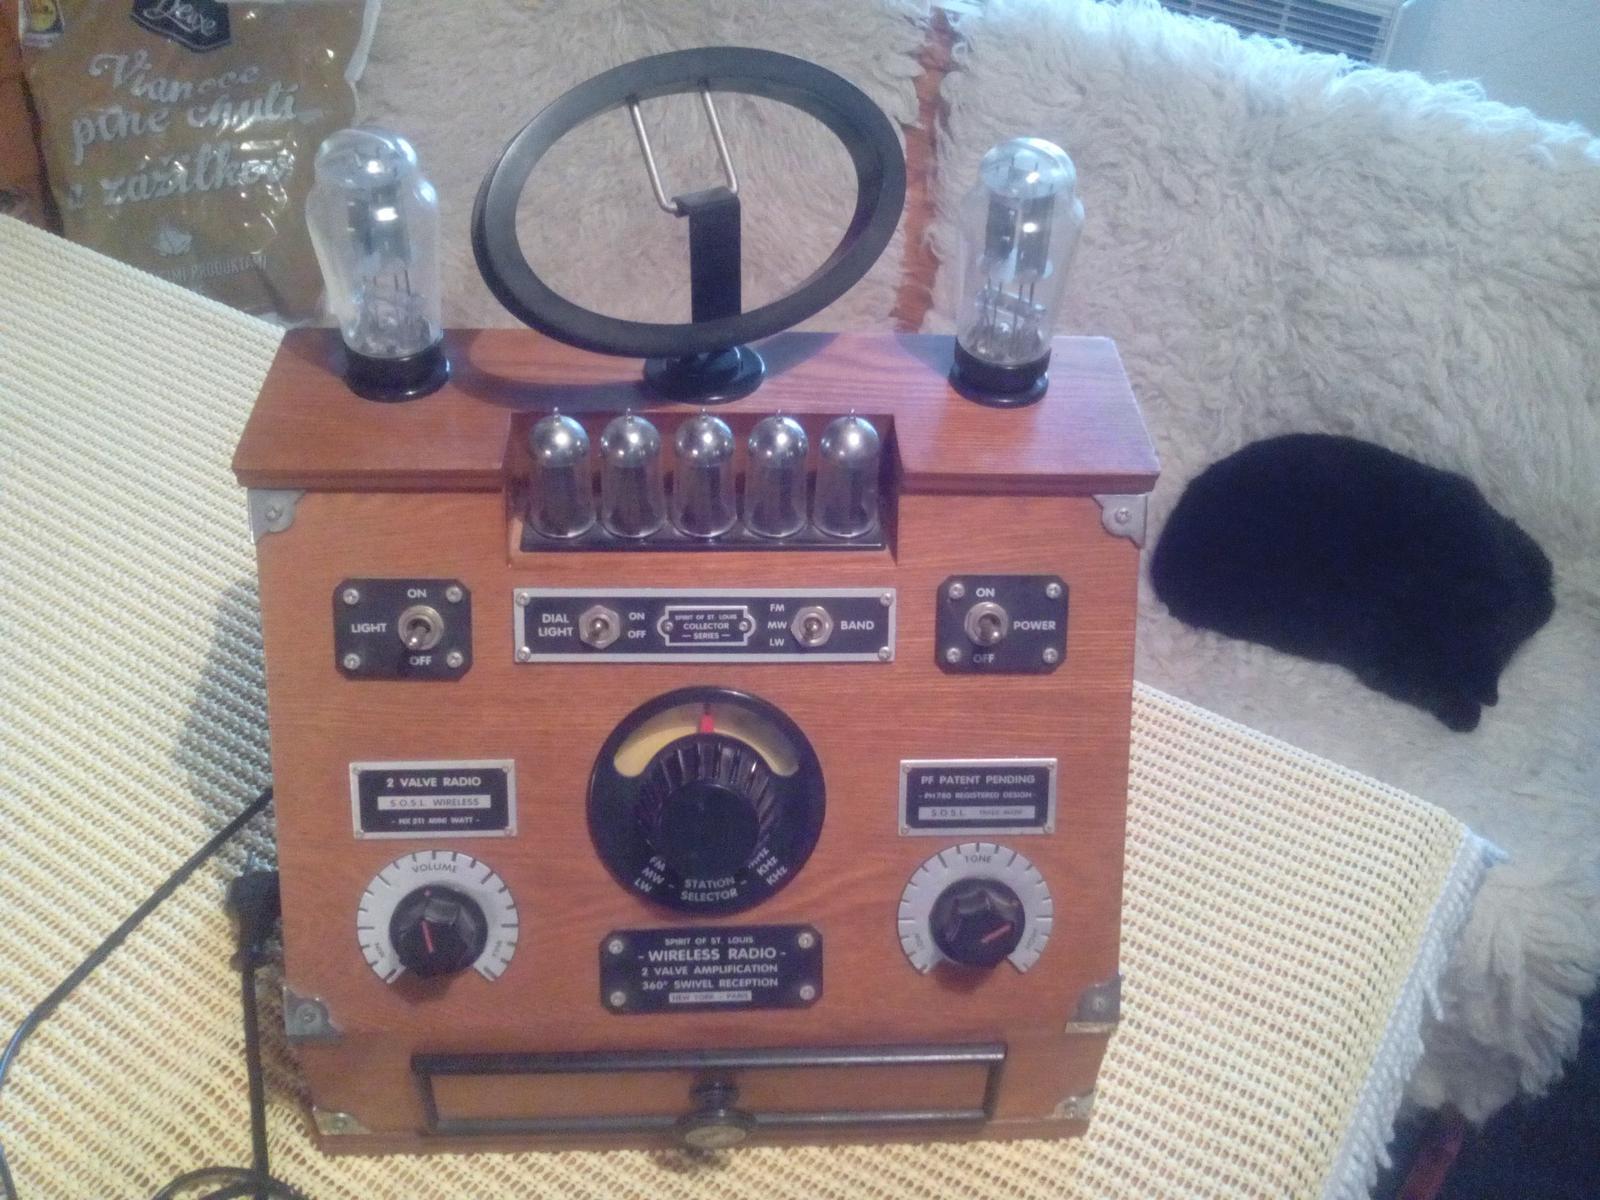 Drobnosti ktoré potešia - Čo by to bolo za chalupu, ak by tam nebolo staré rádio. Toto v izbe...